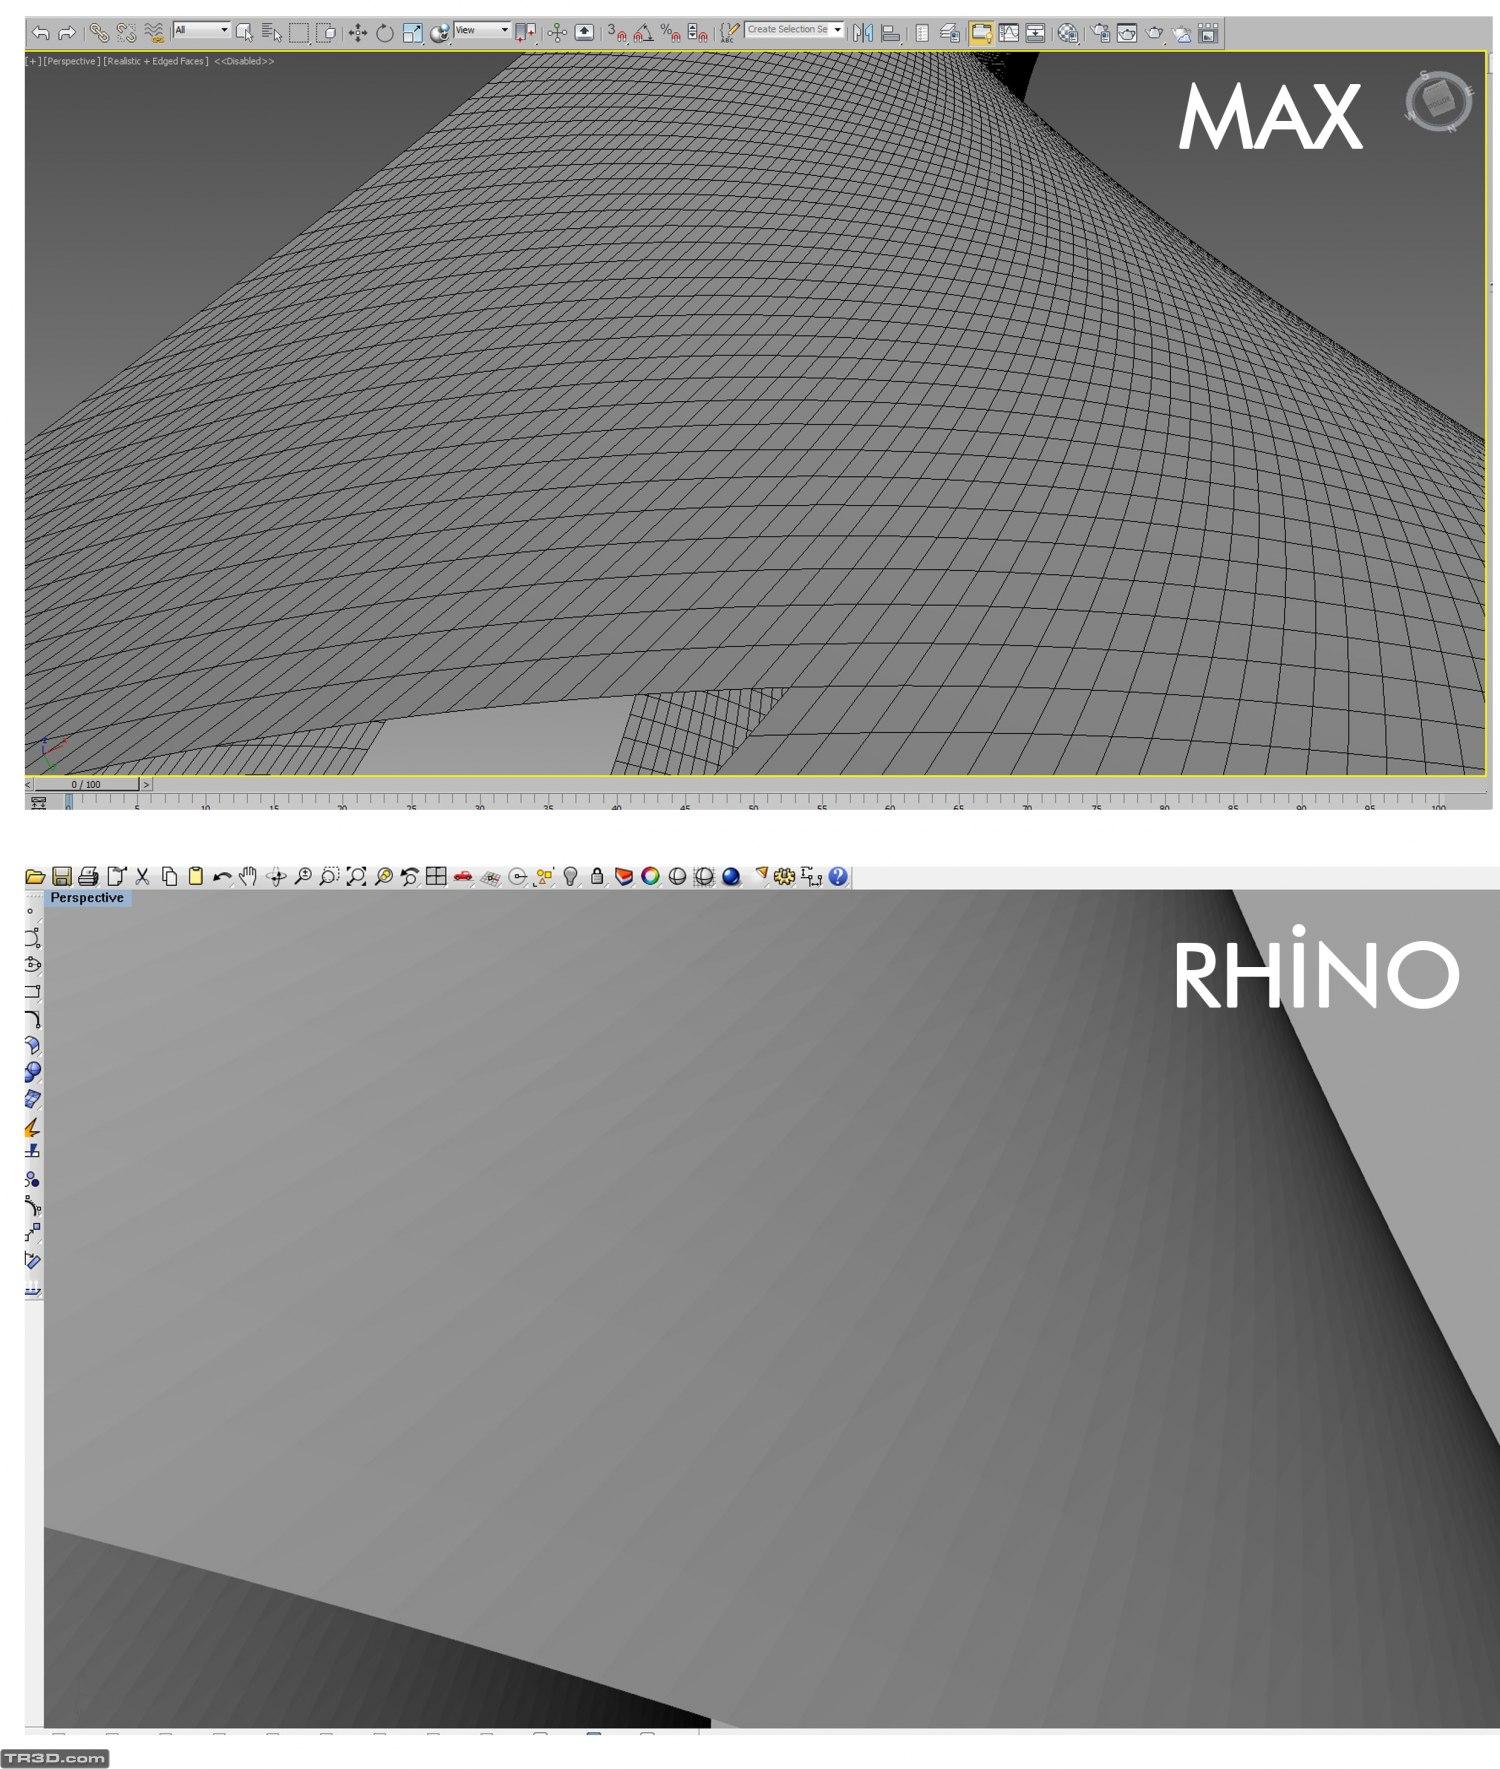 Max'den Rhino'ya atılan yüzeyin kırık olması